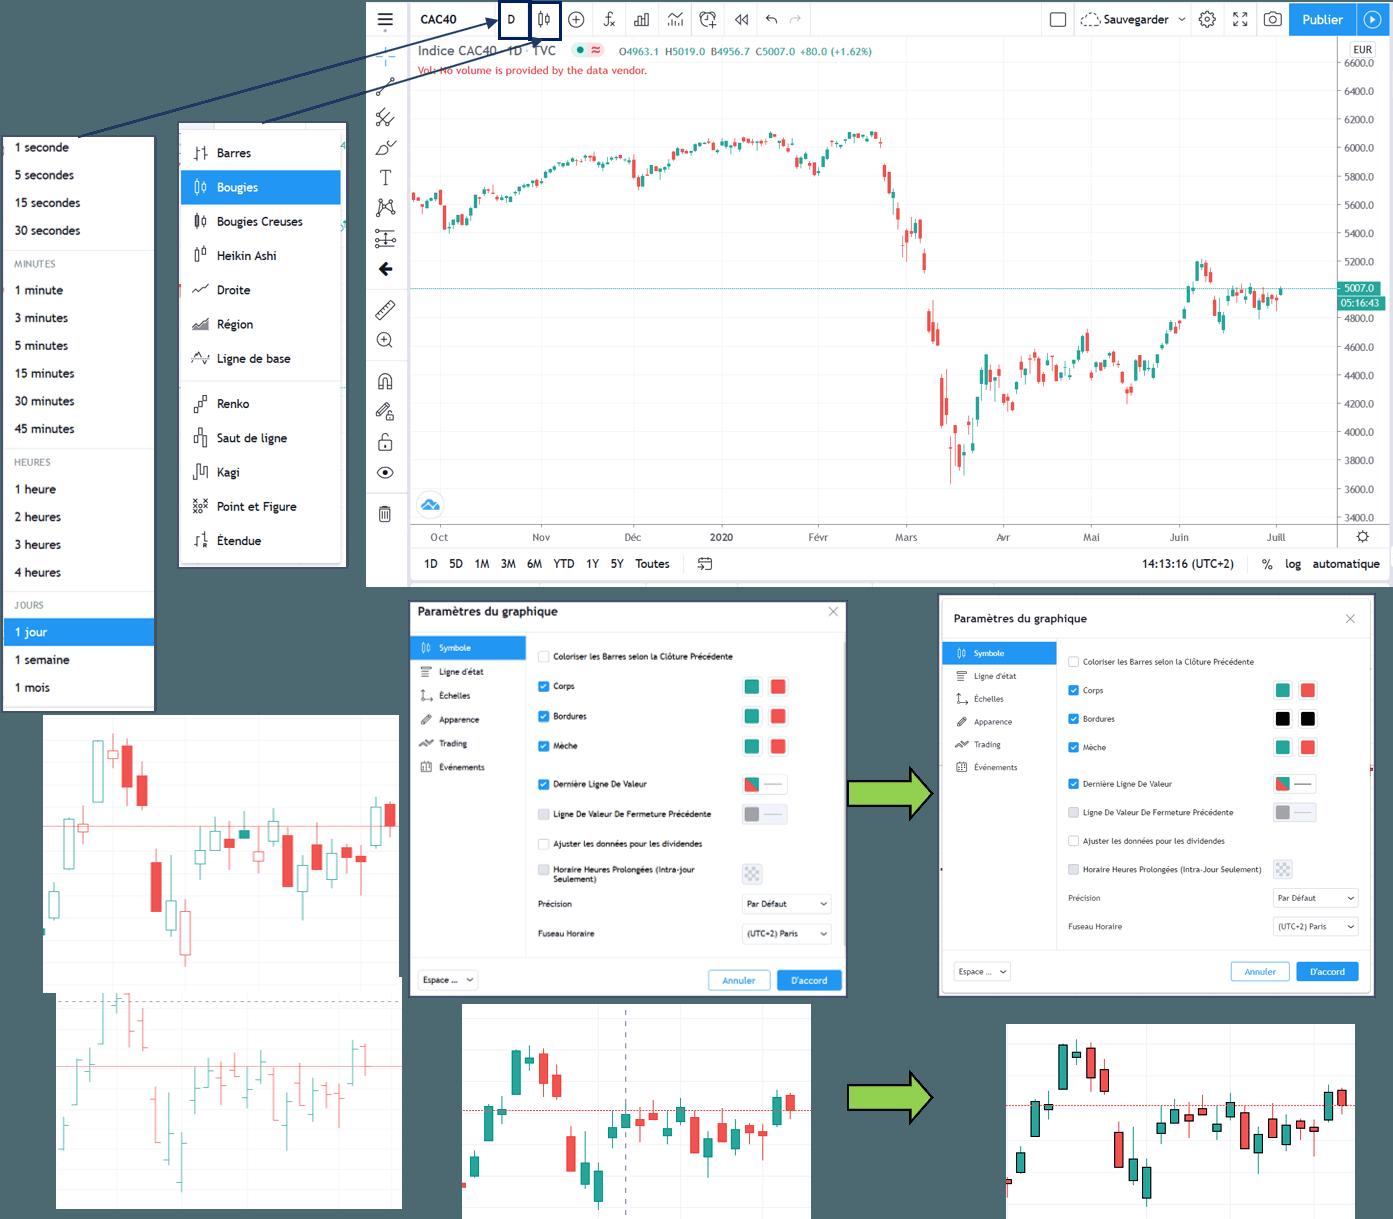 Présentation Interface graphique Tradingview